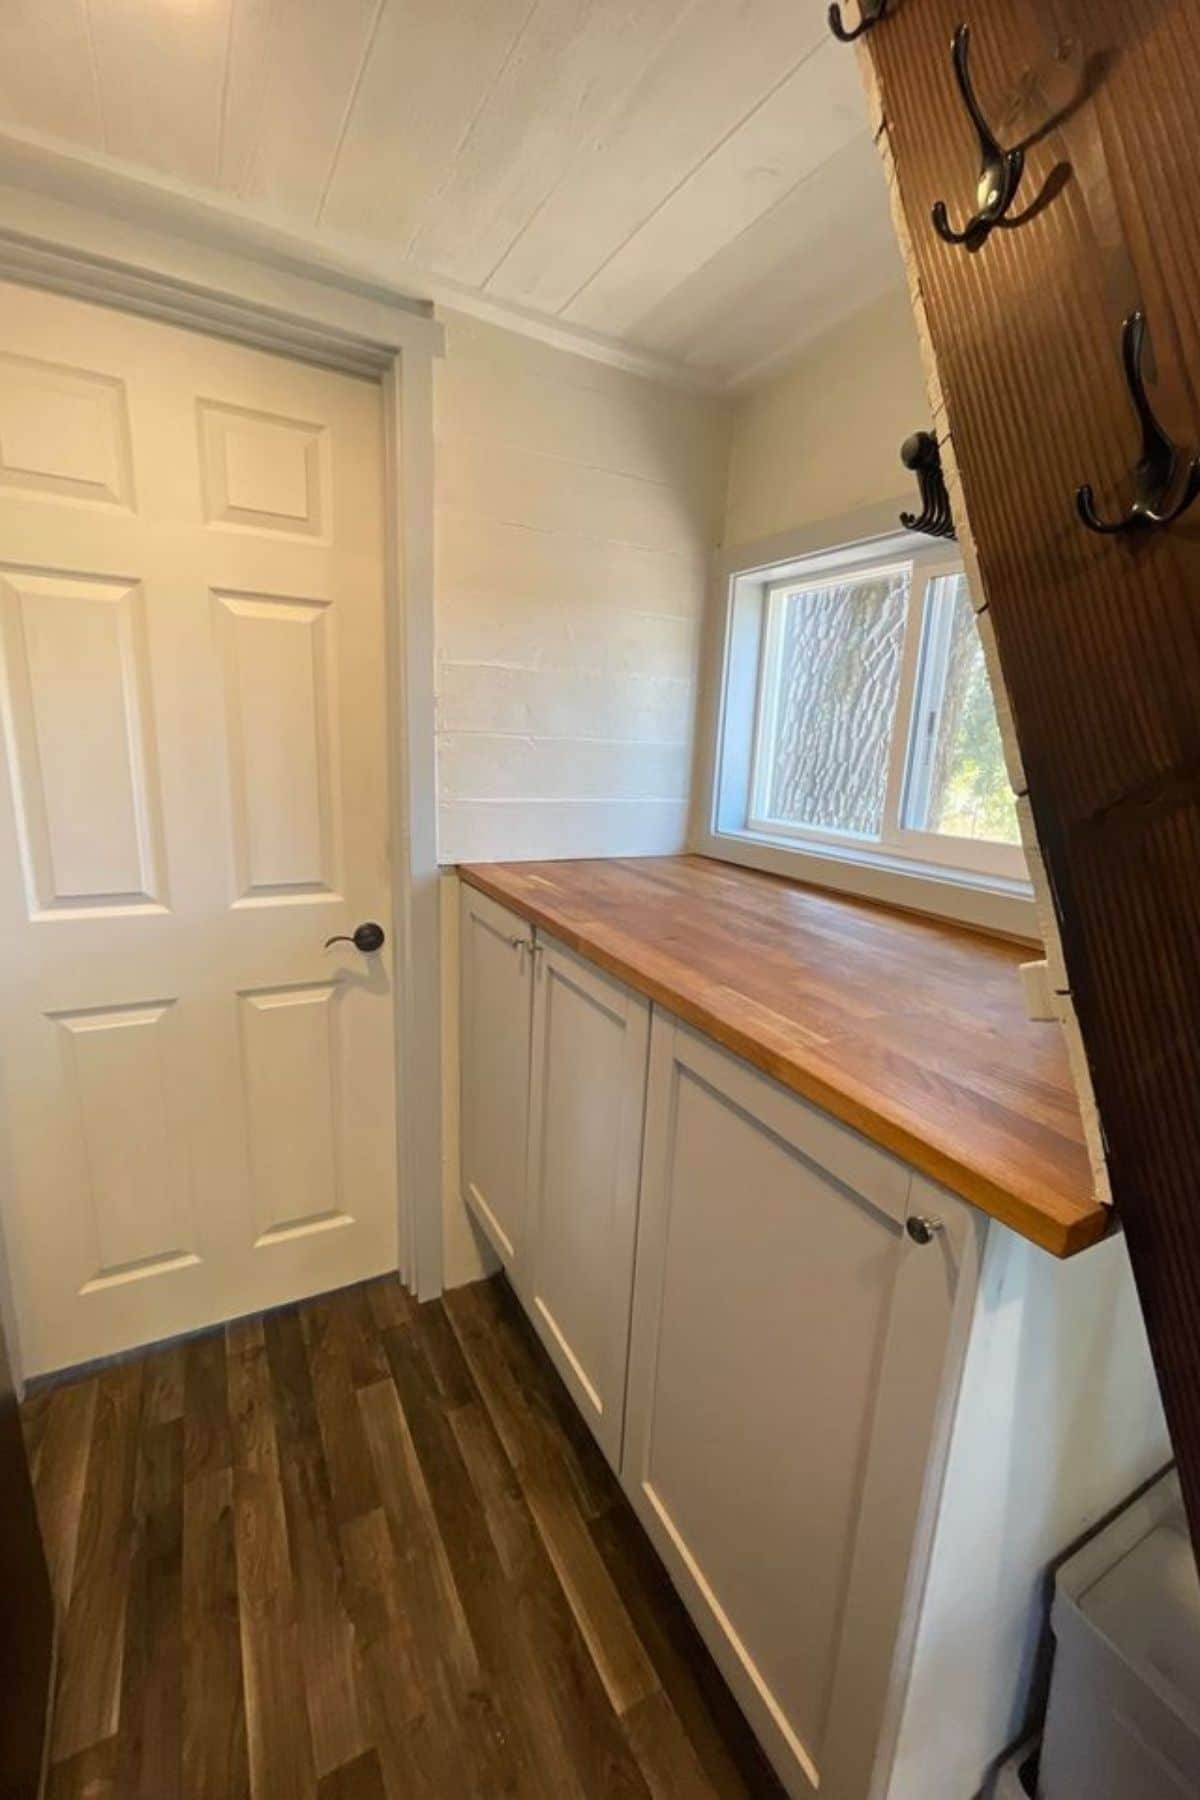 Storage cabinet with butcher block top next to white bathroom door